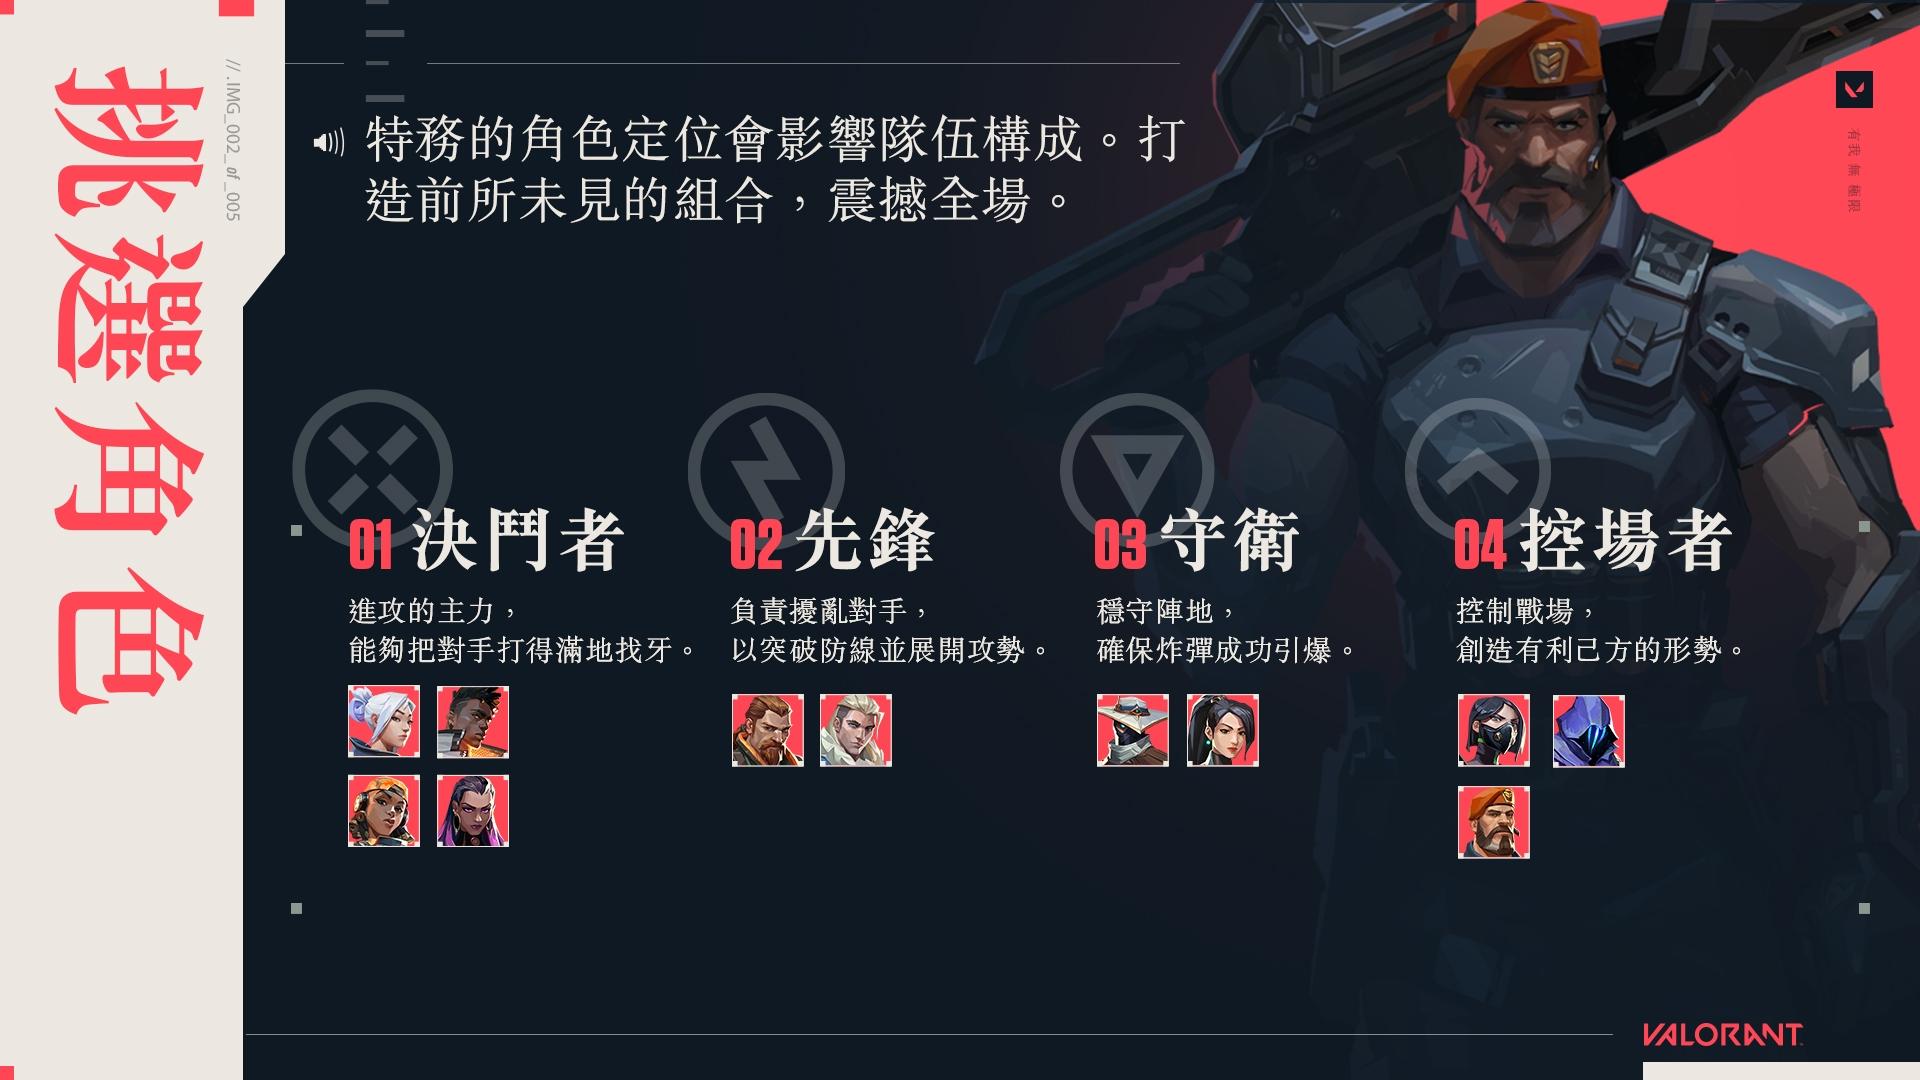 在台灣推出之前,就稍微來了解一下遊戲吧。(圖源:Valorant)